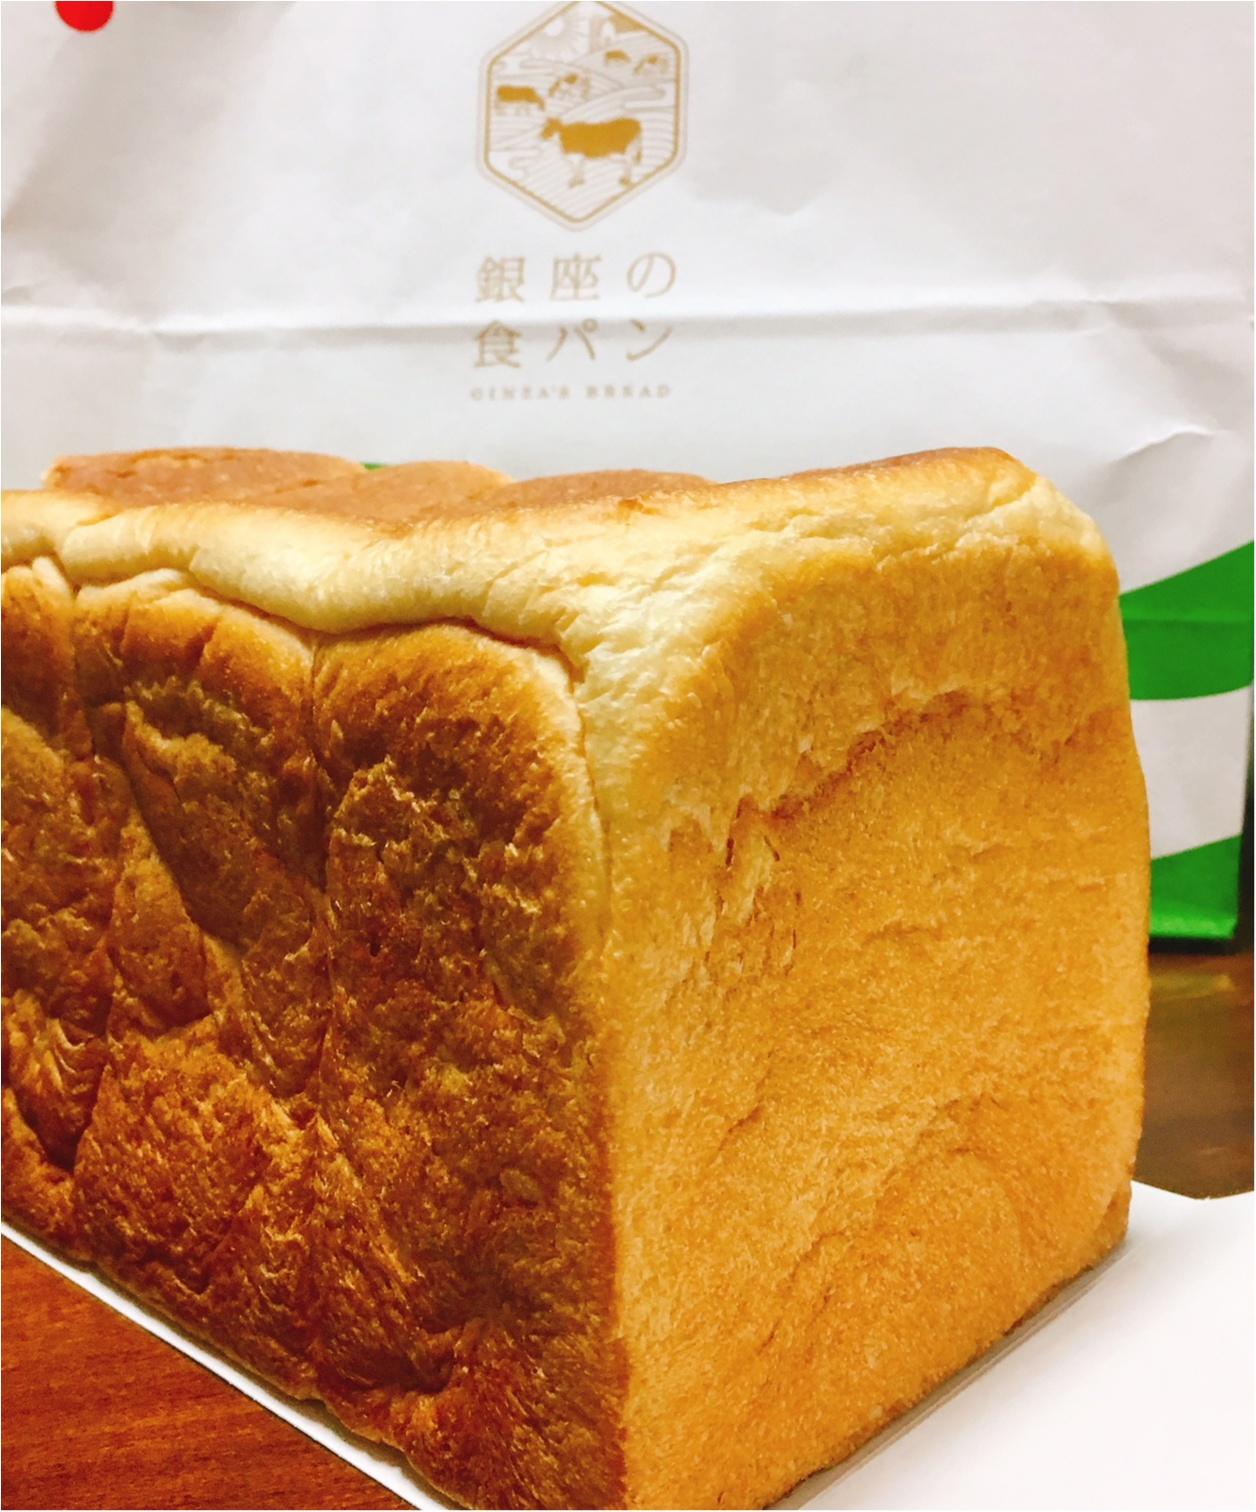 【俺のBakery&cafe/銀座】究極の食パンを頂きました☆_1